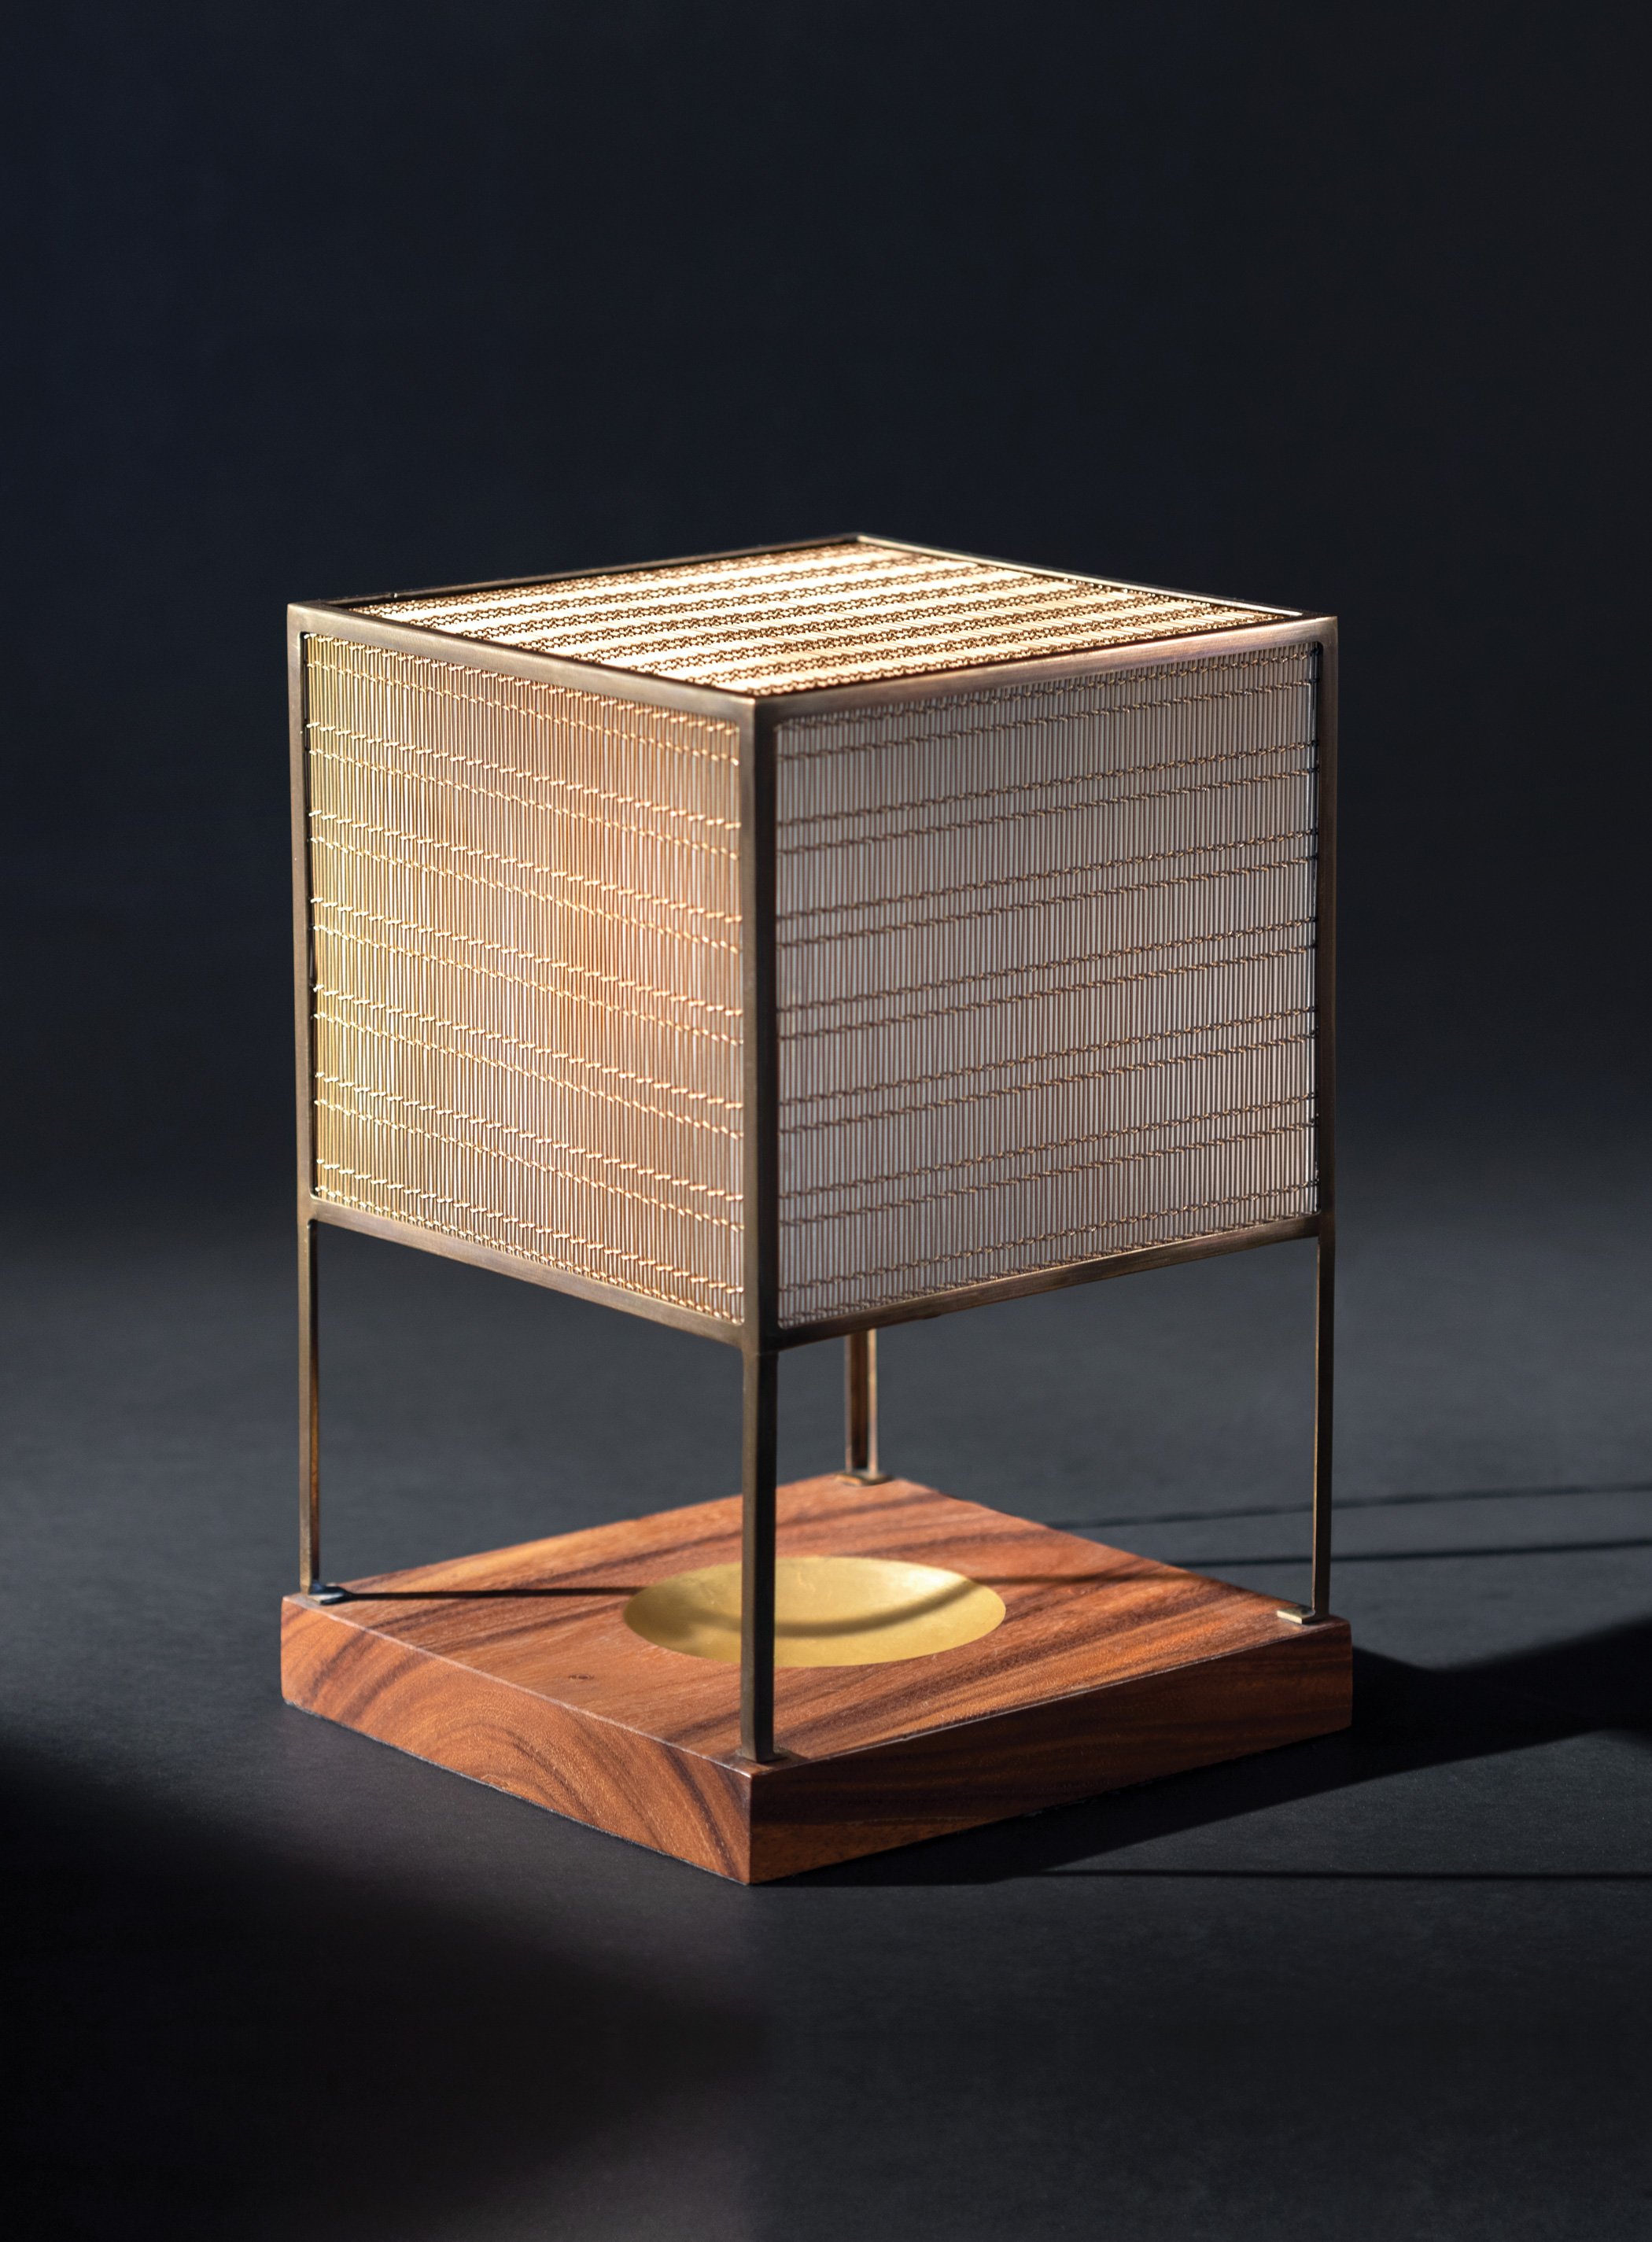 Japonesque Lantern